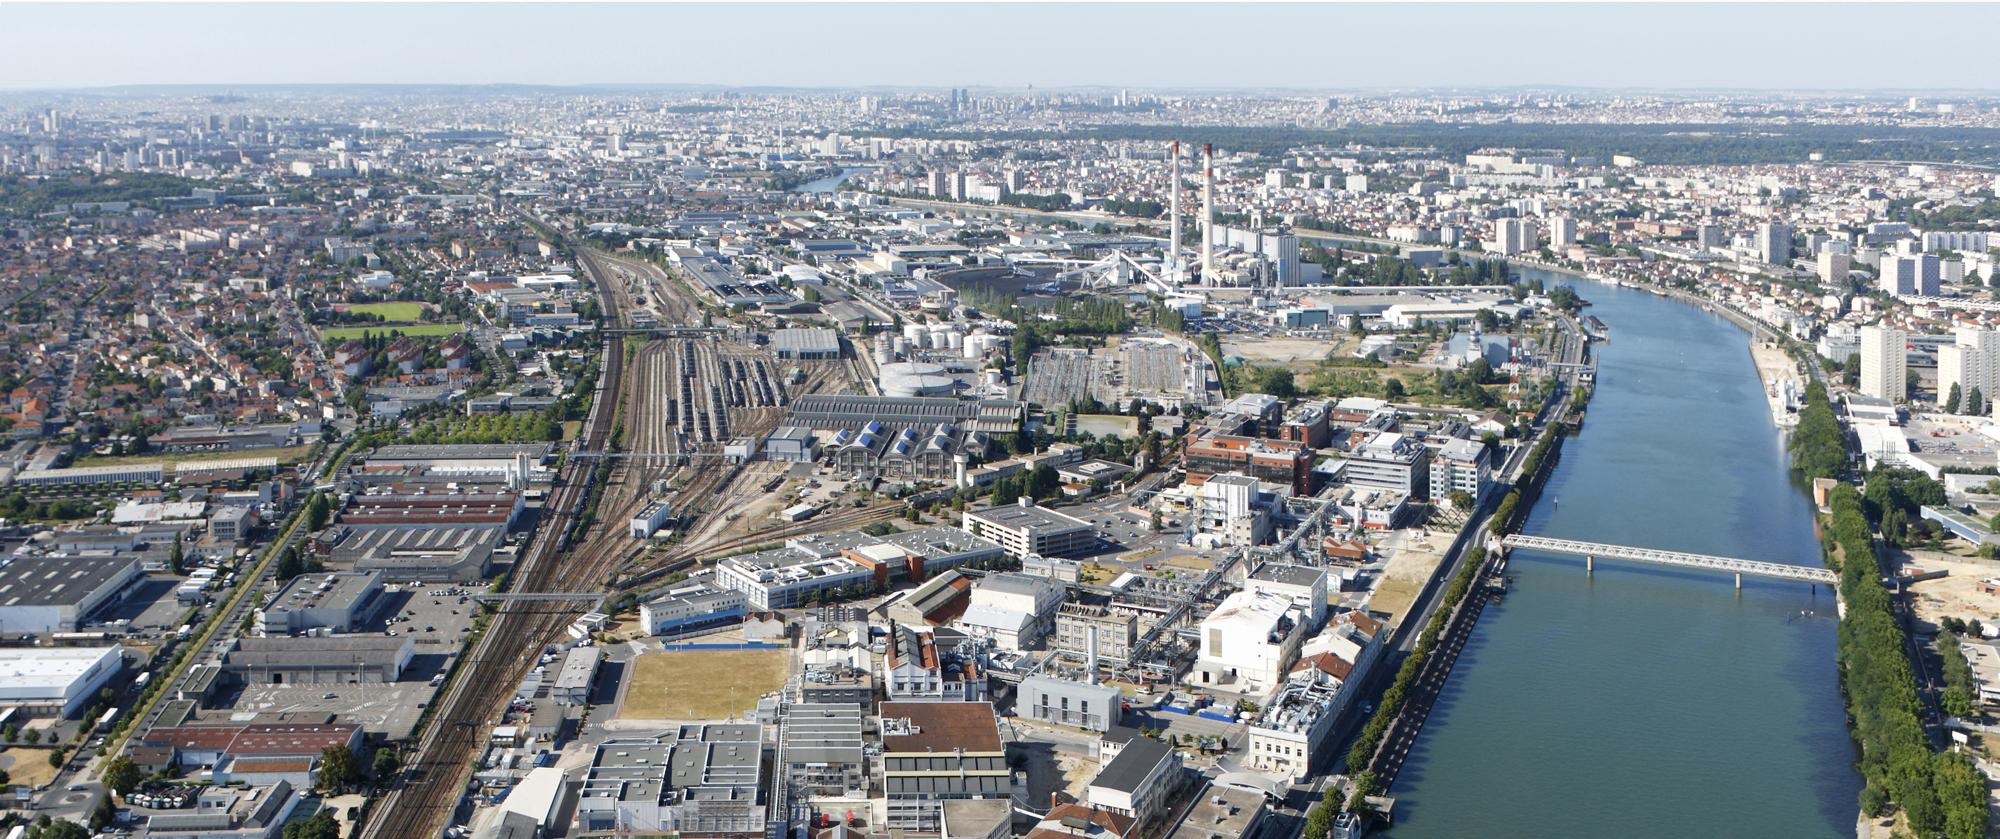 Banlieues fran aises 2005 2015 edito urbanit s - Piscine avec pente douce vitry sur seine ...